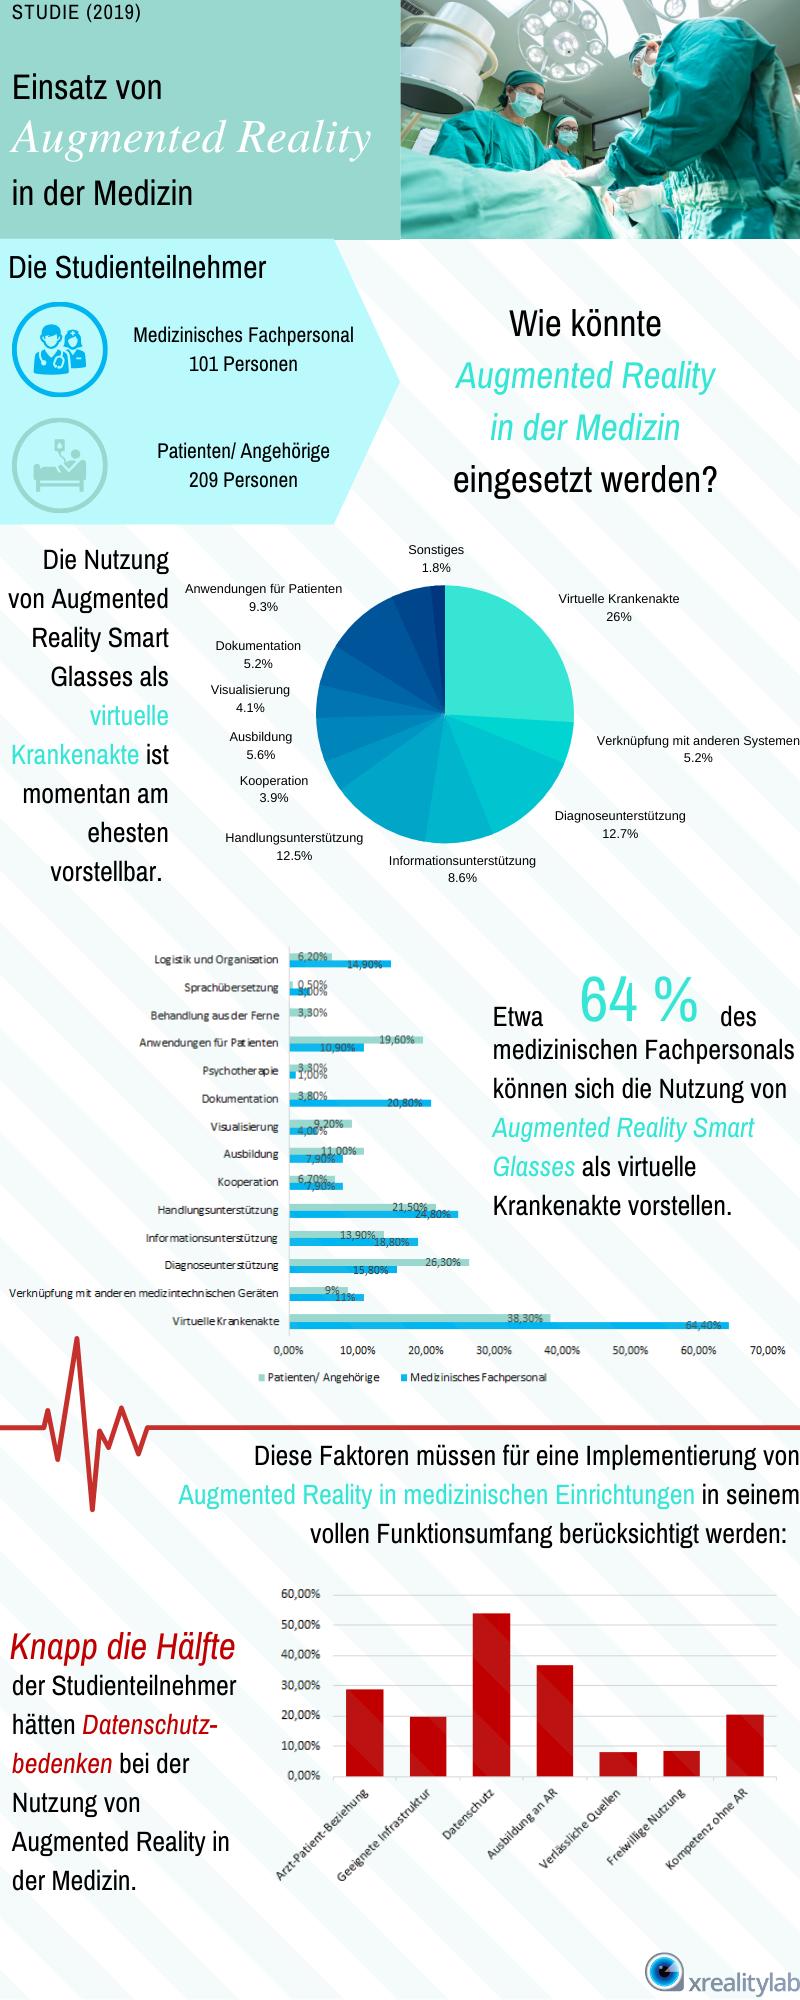 Augmented Reality in der Medizin: Studienergebnisse 2019